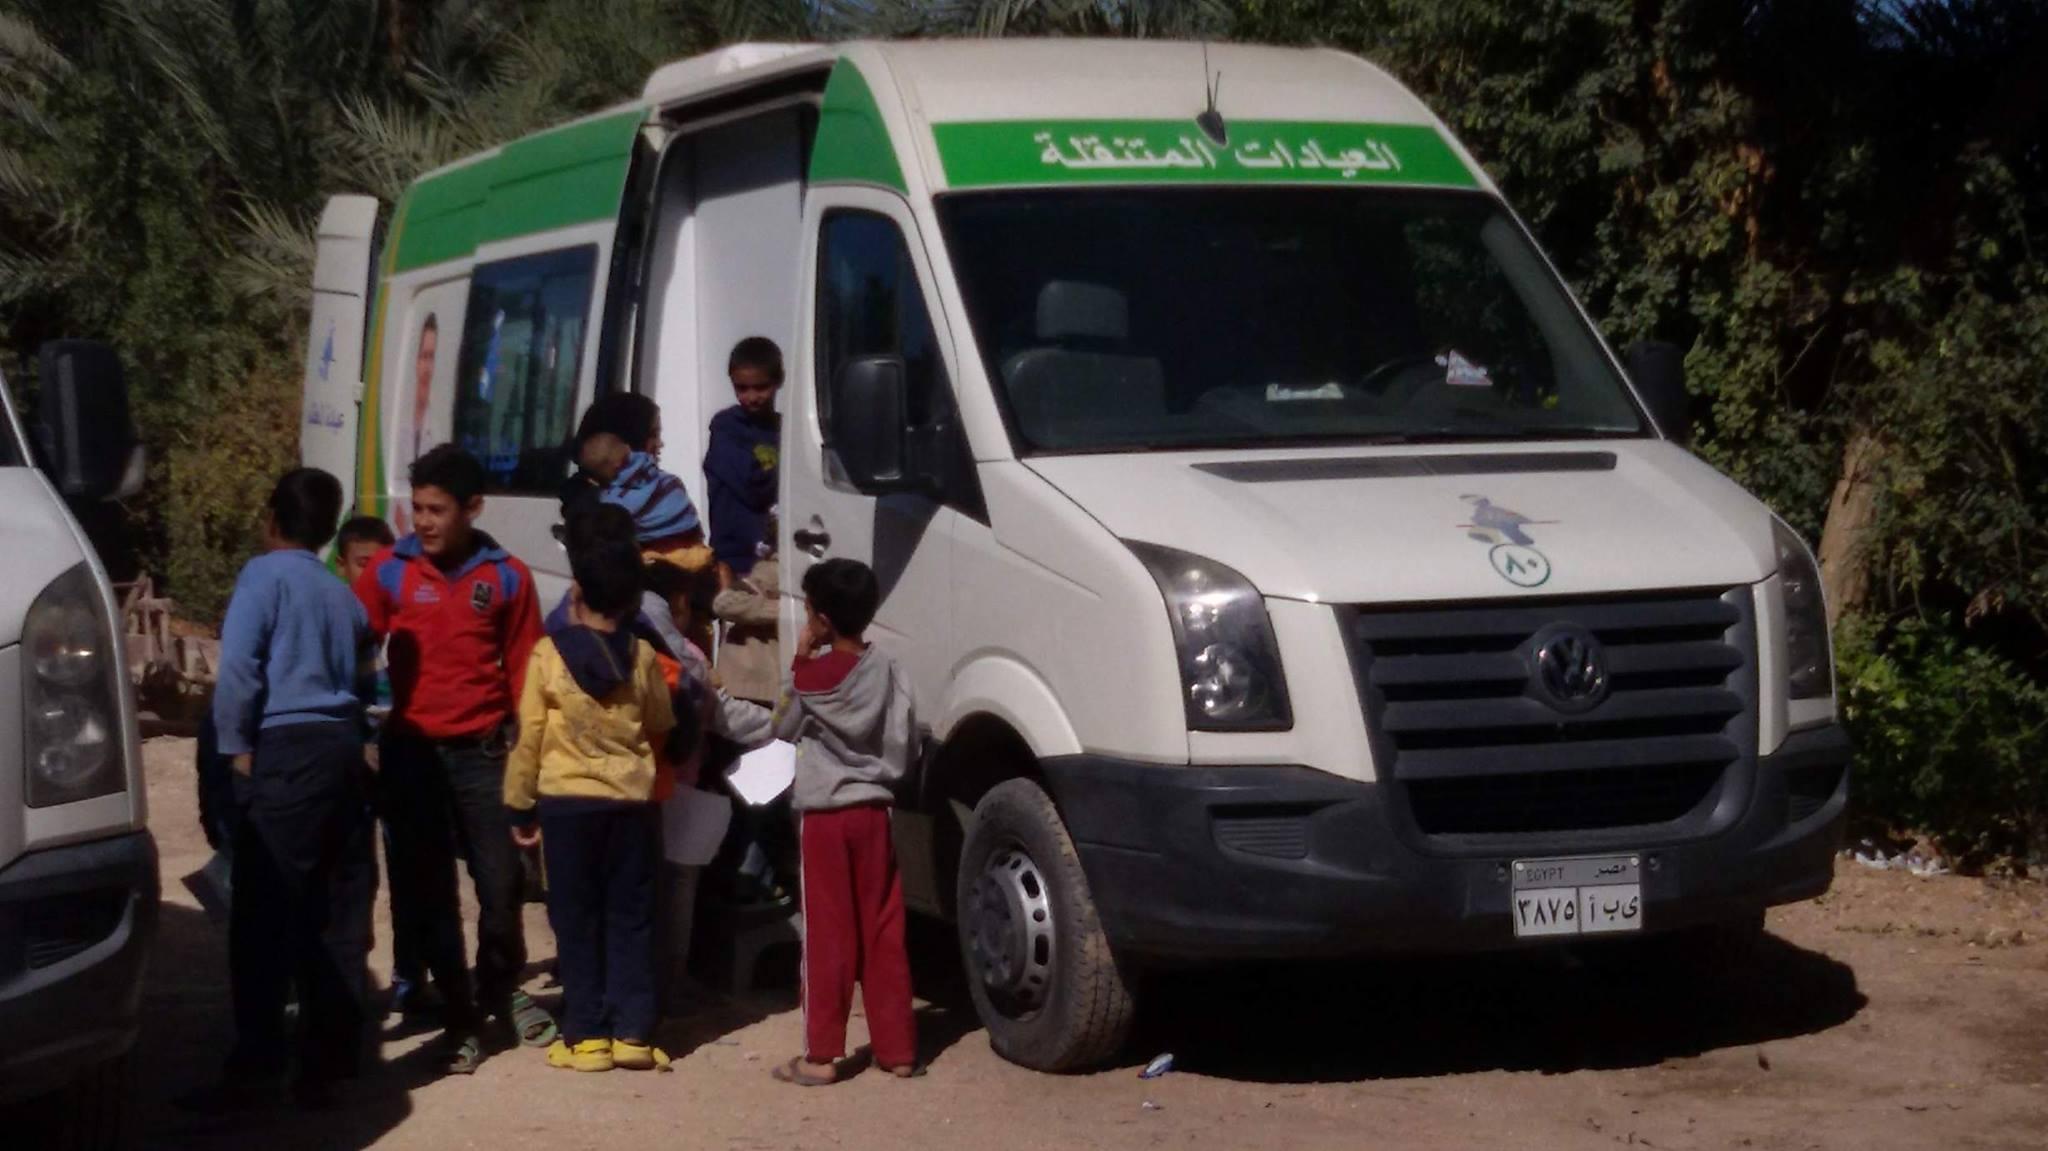 مستقبل وطن بالأقصر يواصل قافلة علشان تبنيها الطبية المجانية بقري المحافظة (2)